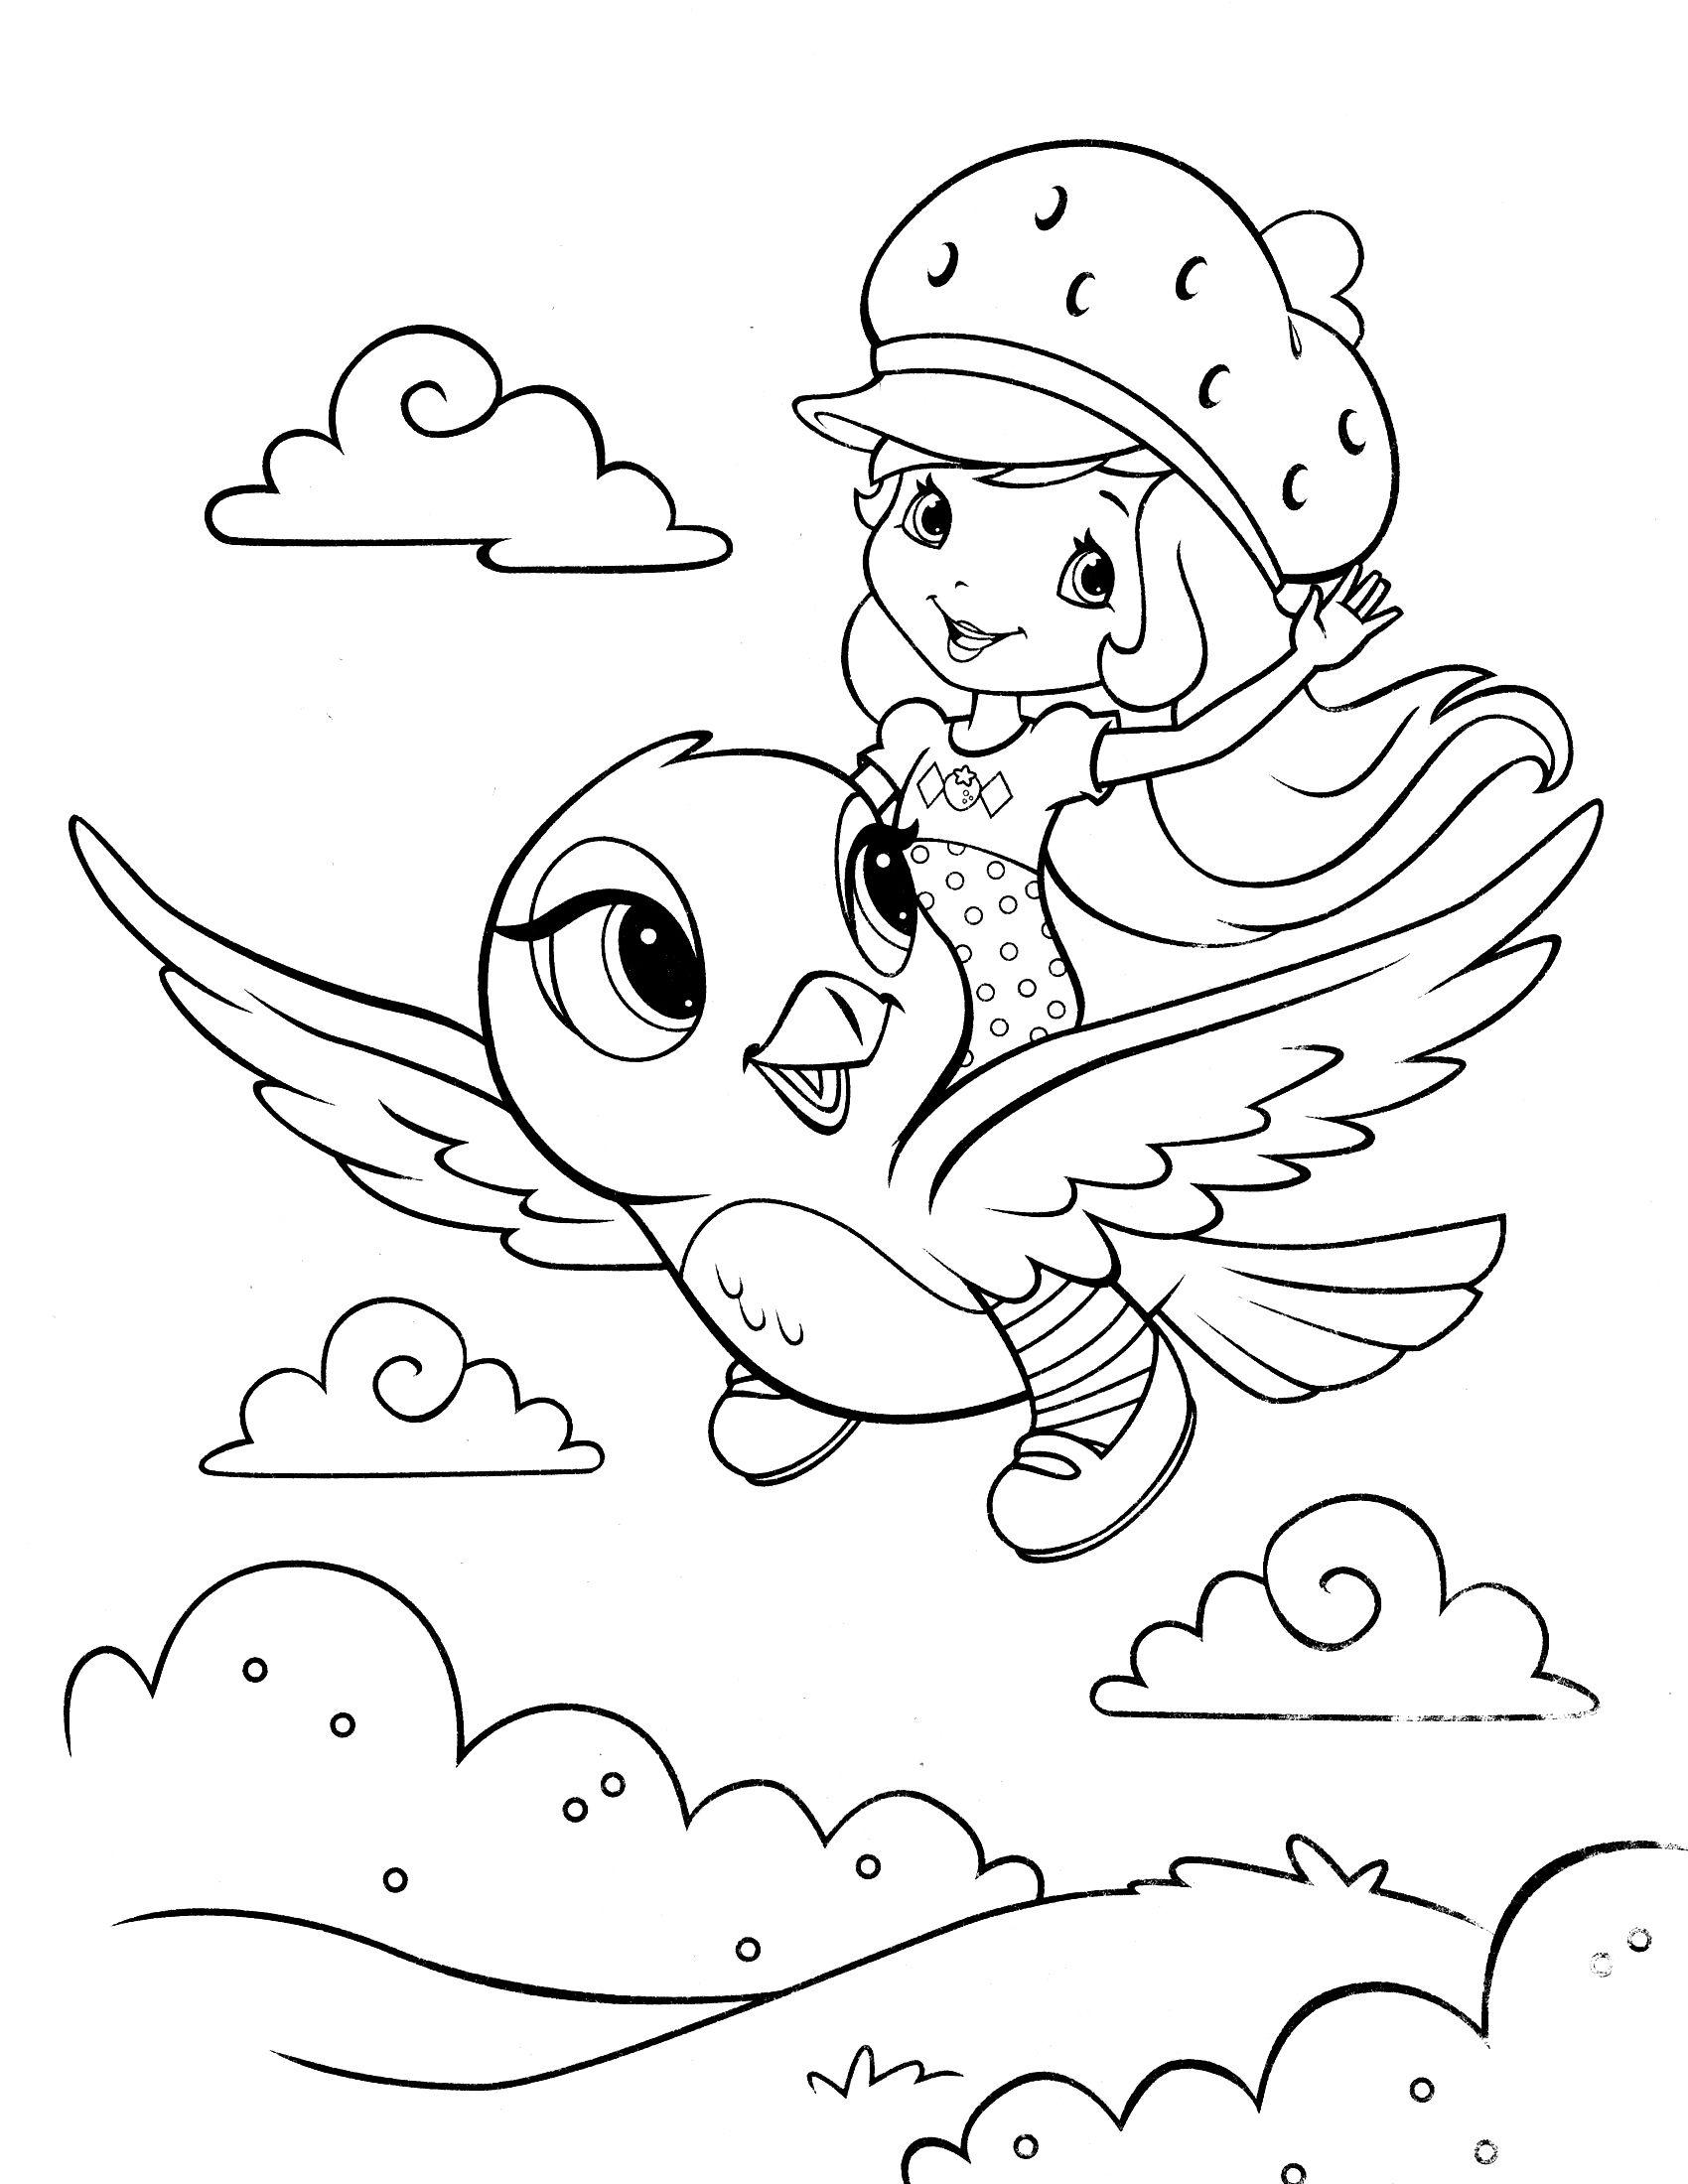 Strawberry Shortcake Coloring Page Con Imagenes Dibujos